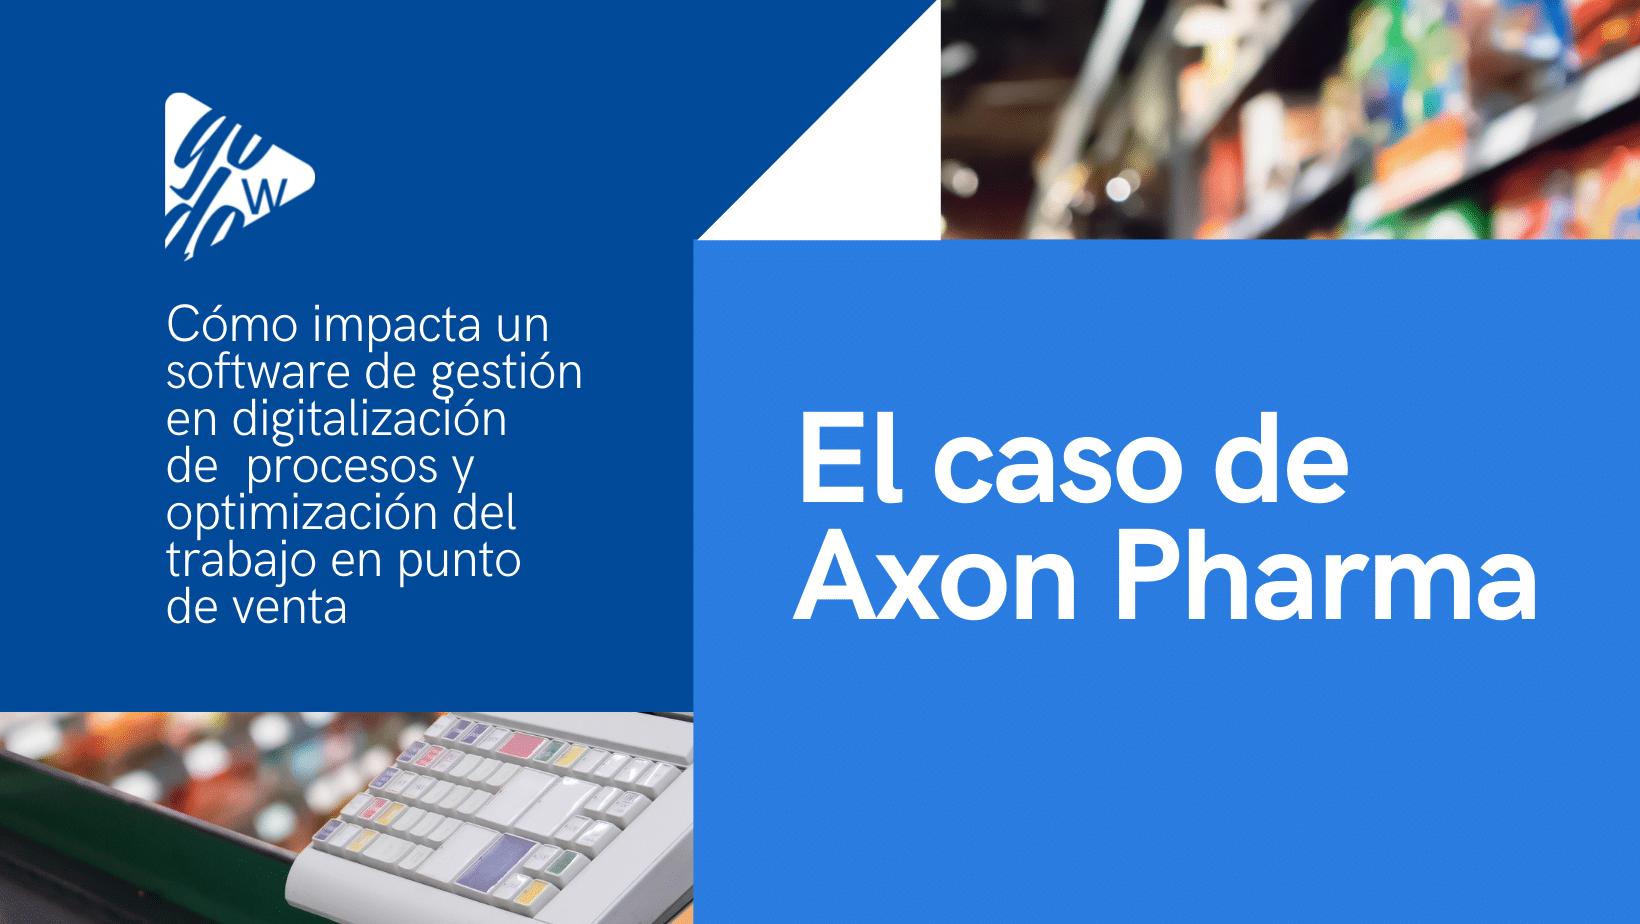 Cómo impacta un software de gestión en la digitalización de los procesos y optimización del trabajo en punto de venta: el caso de Axon Pharma